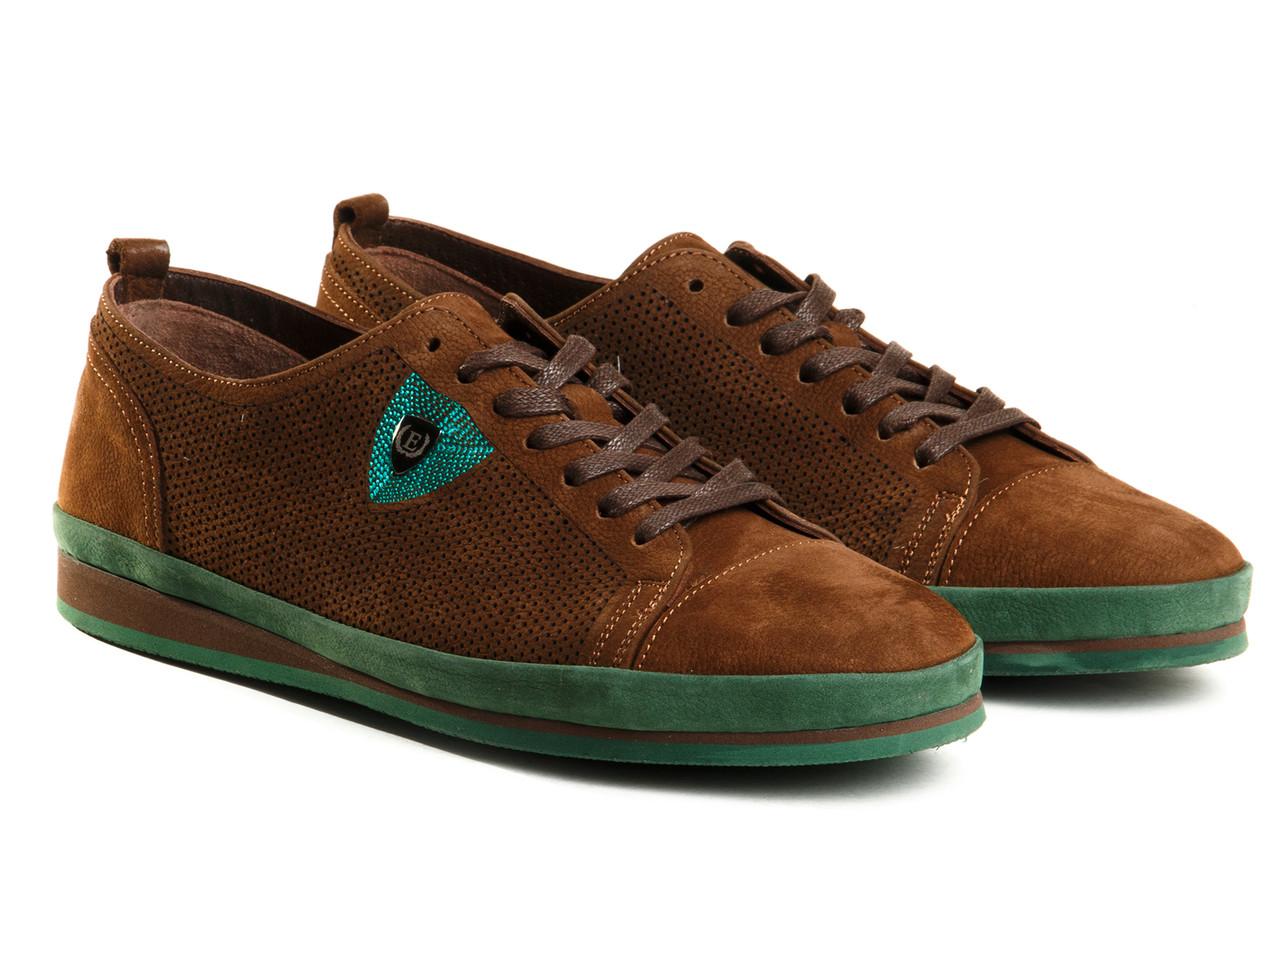 Кросівки Etor 8632-84-6-03 44 коричневі